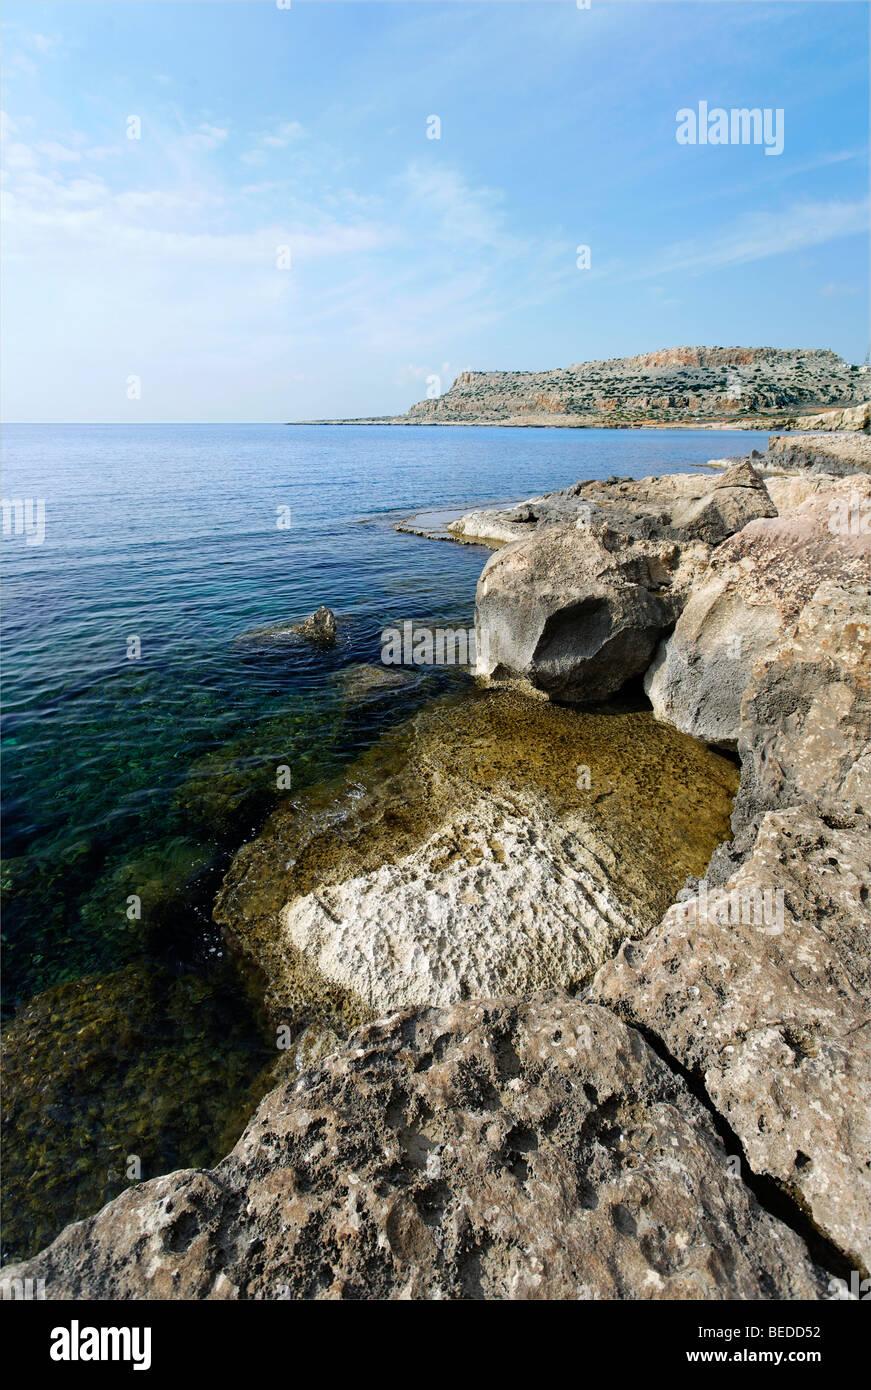 Kalkfelsen am Cape Gkreko Halbinsel, Larnaca, Zypern, Mittelmeer, Asien Stockbild